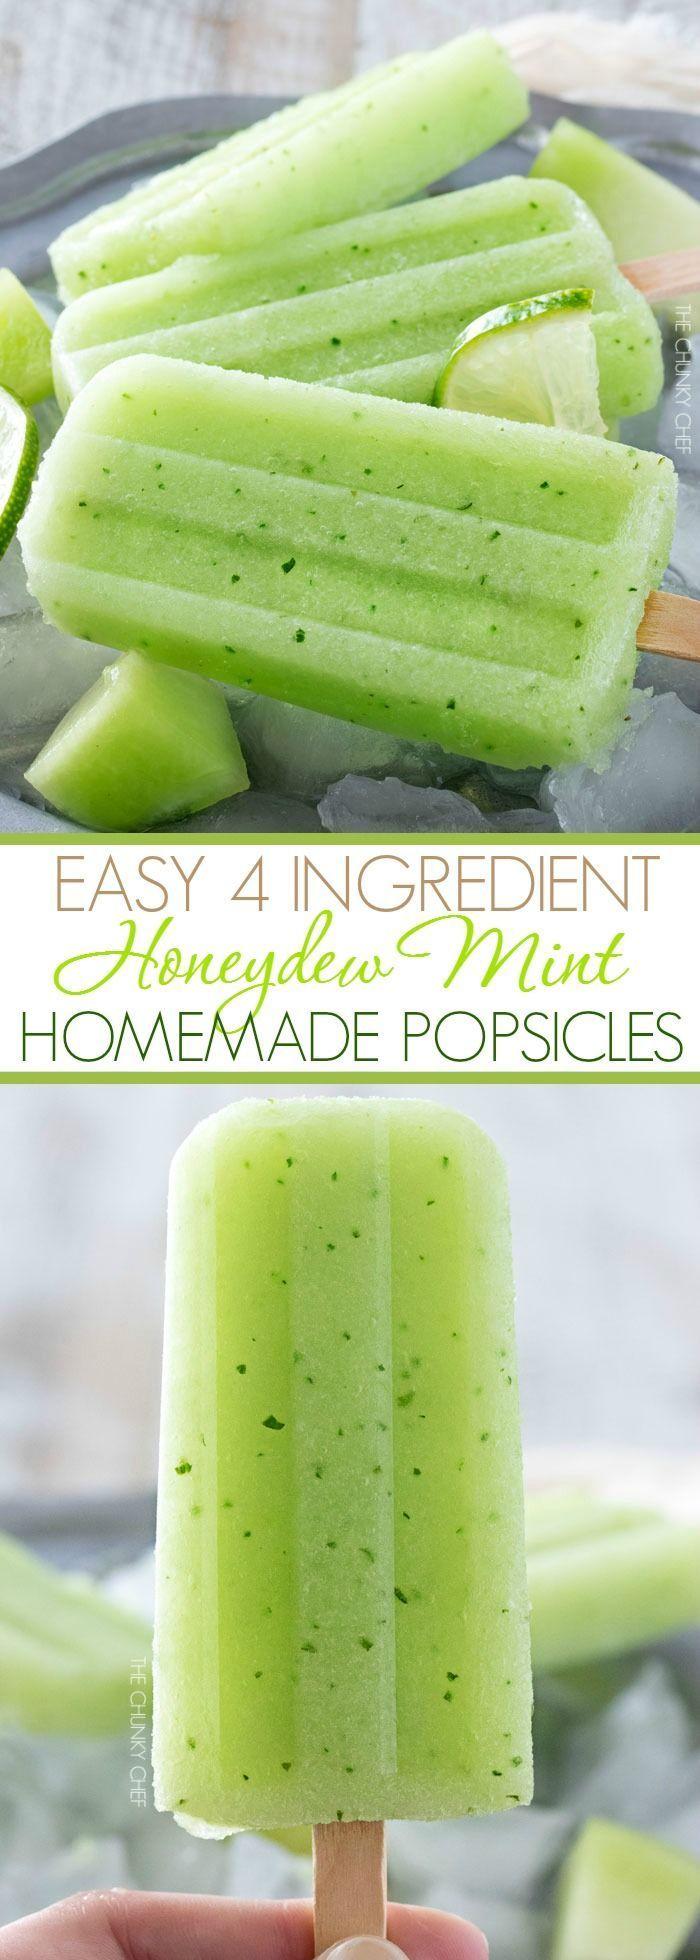 Honeydew Mint Homemade Popsicles | The refreshing taste of sweet honeydew melon…